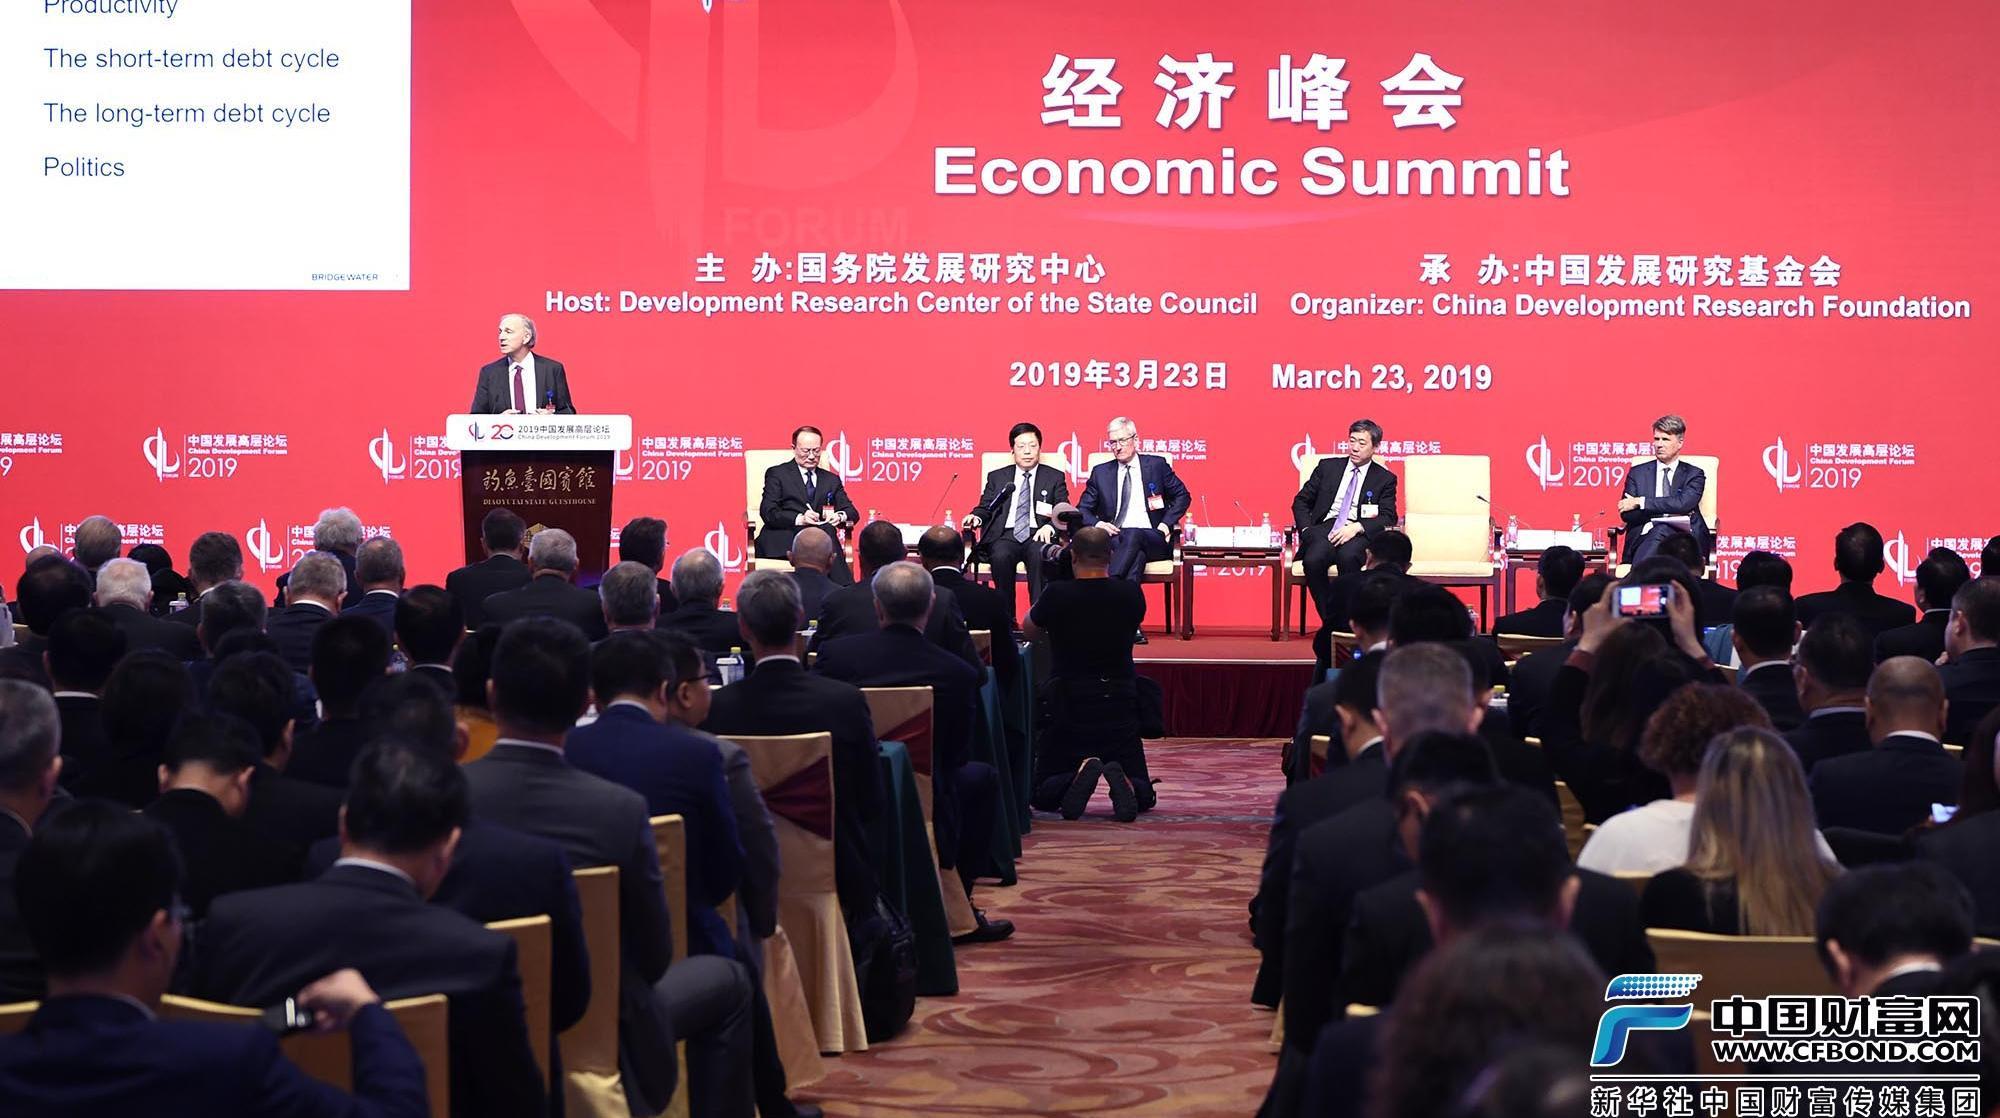 中国发展高层论坛2019年会盛大开幕(组图)